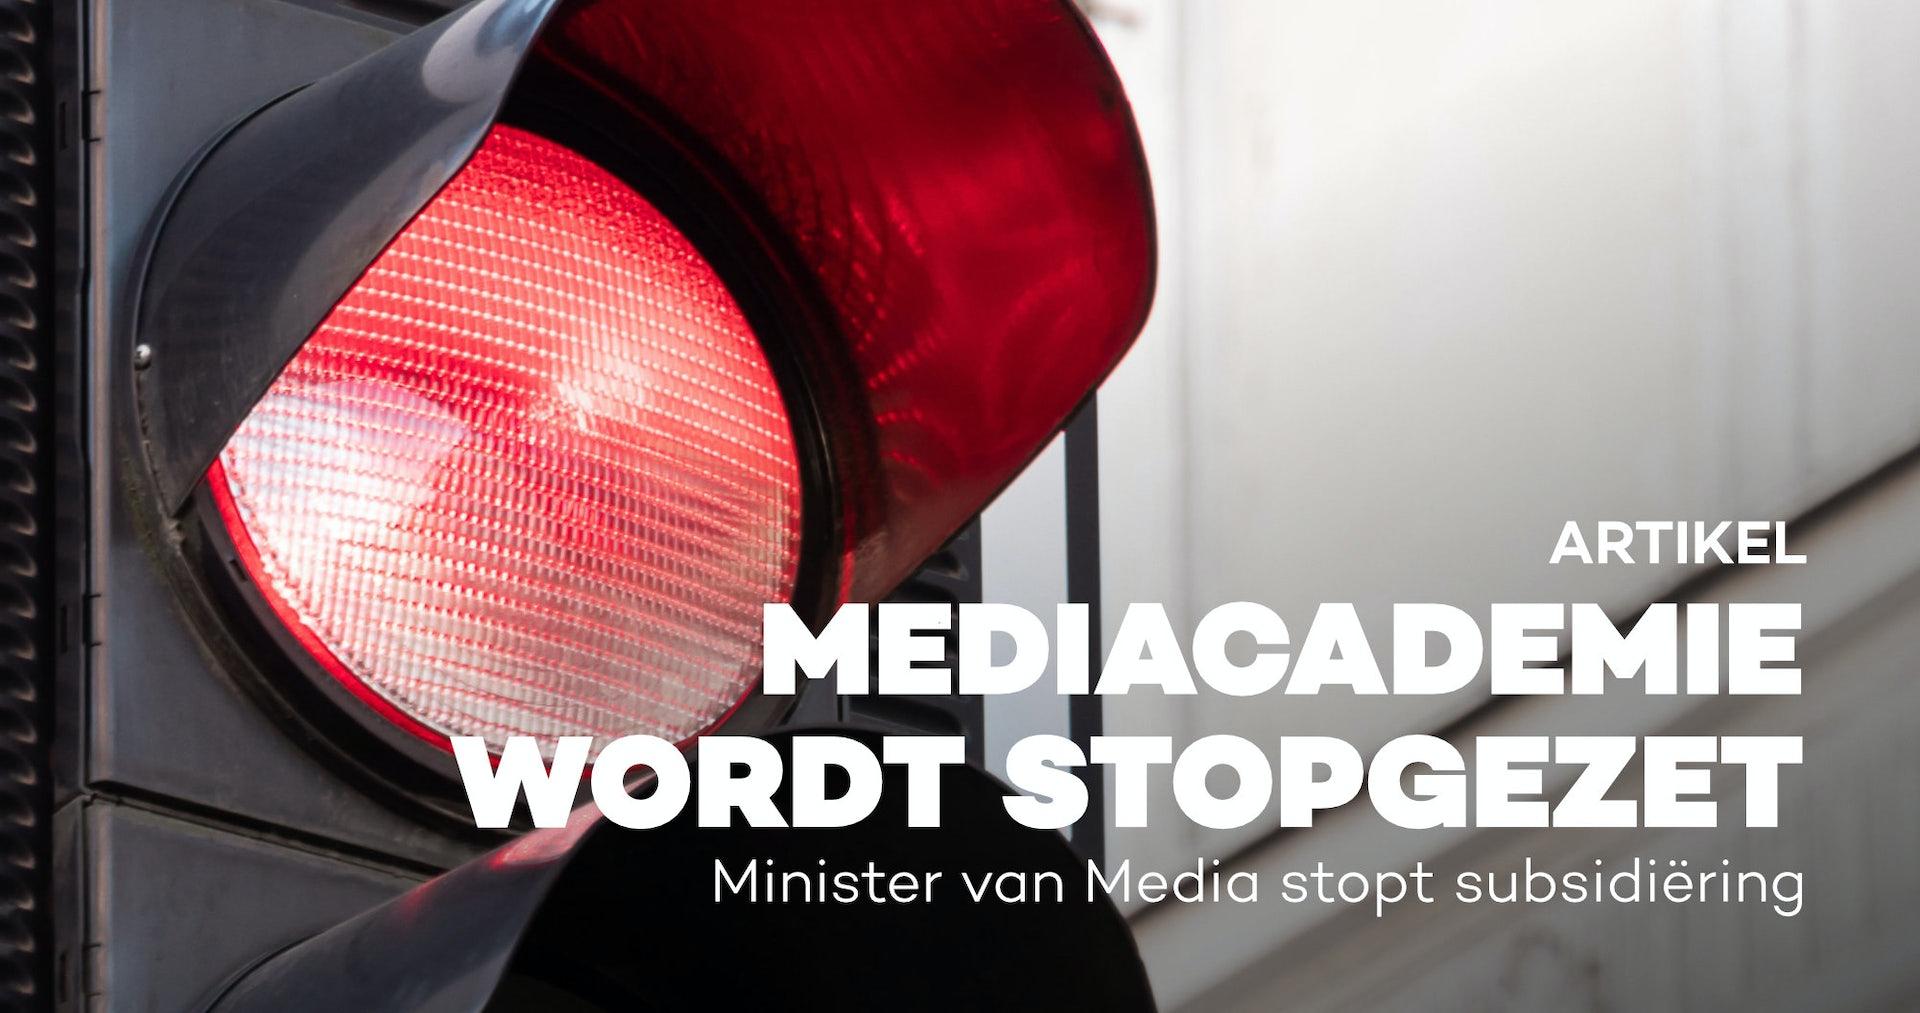 mediacademie wordt stopgezet